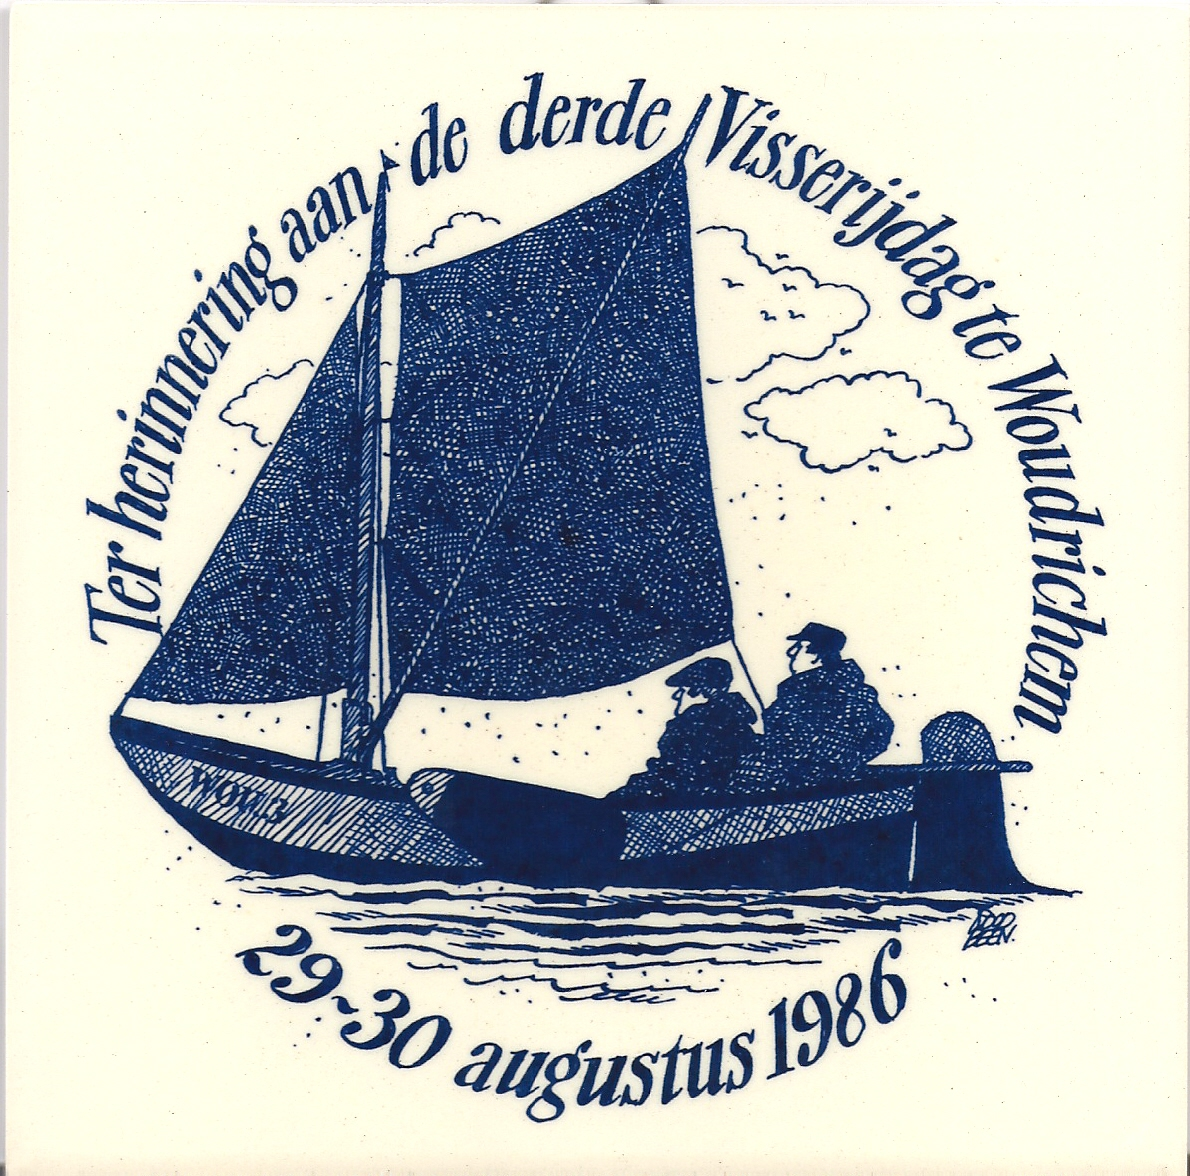 05 TEGE-015 Derde visserijdagen 1986